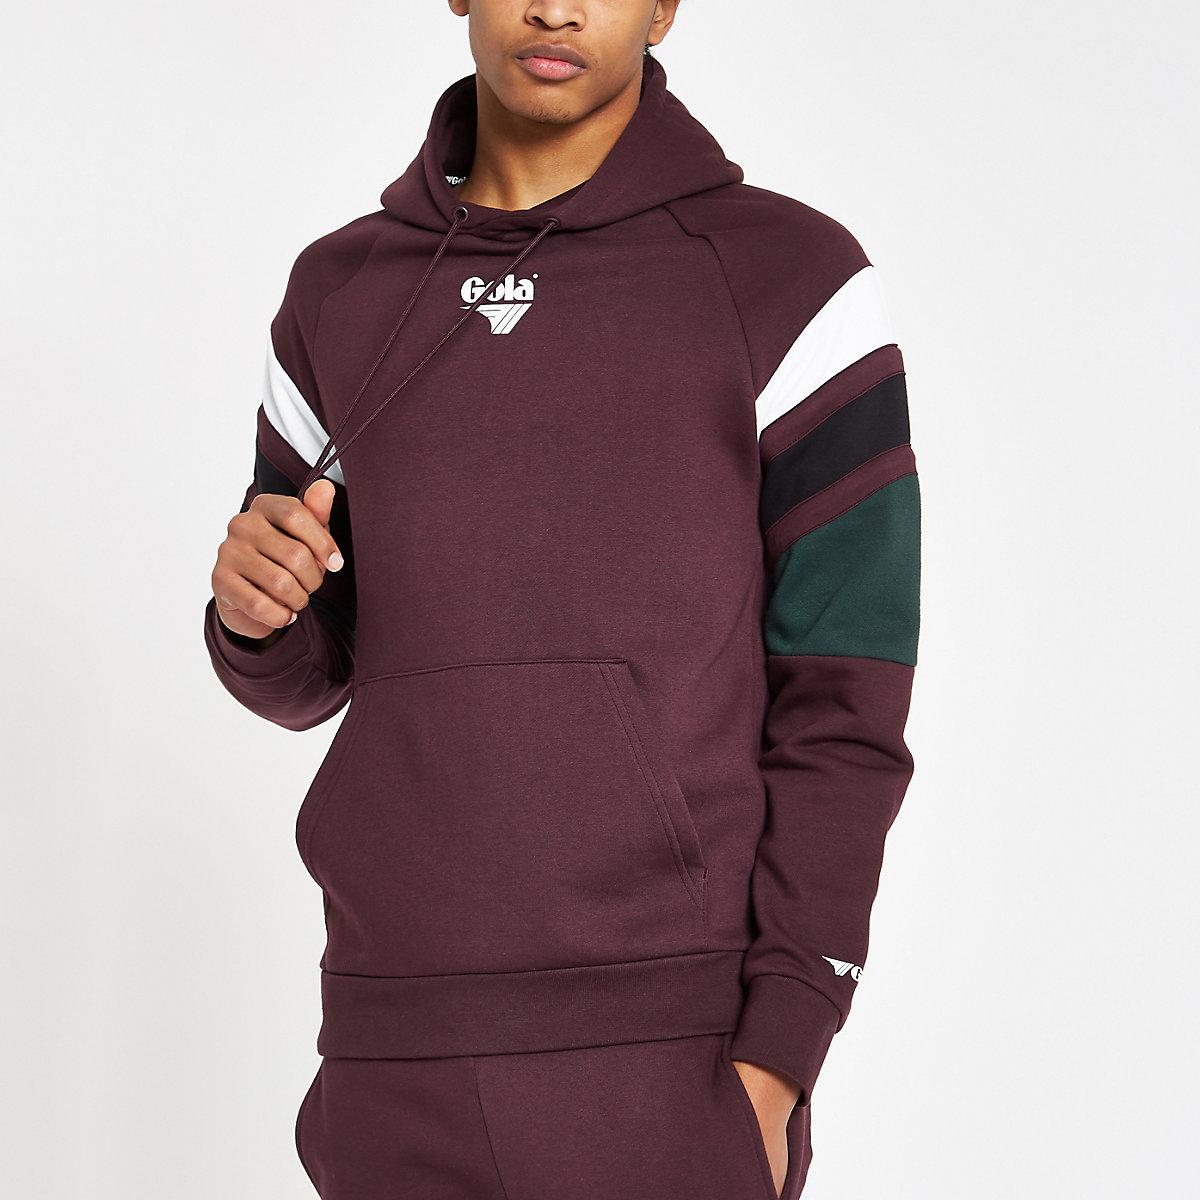 Gola burgundy color block hoodie